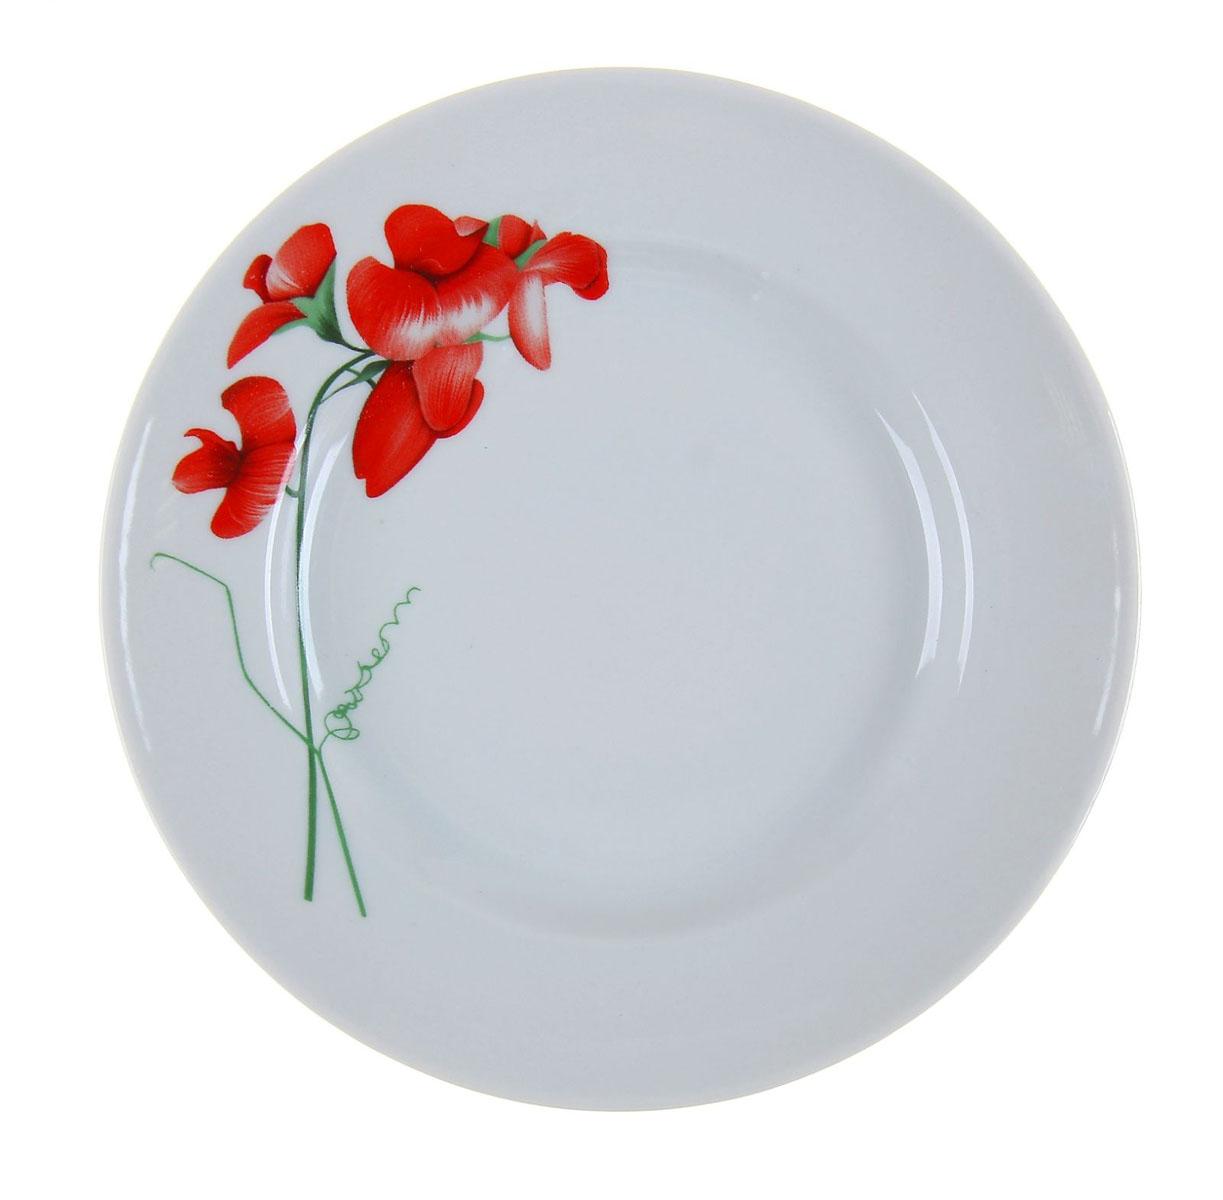 Тарелка мелкая Идиллия. Рубин, диаметр 20 см1109500Глубокая тарелка Идиллия. Рецепты выполнена из высококачественного фарфора и украшена ярким изображением. Она прекрасно впишется в интерьер вашей кухни и станет достойным дополнением к кухонному инвентарю. Тарелка Идиллия. Рецепты подчеркнет прекрасный вкус хозяйки и станет отличным подарком.